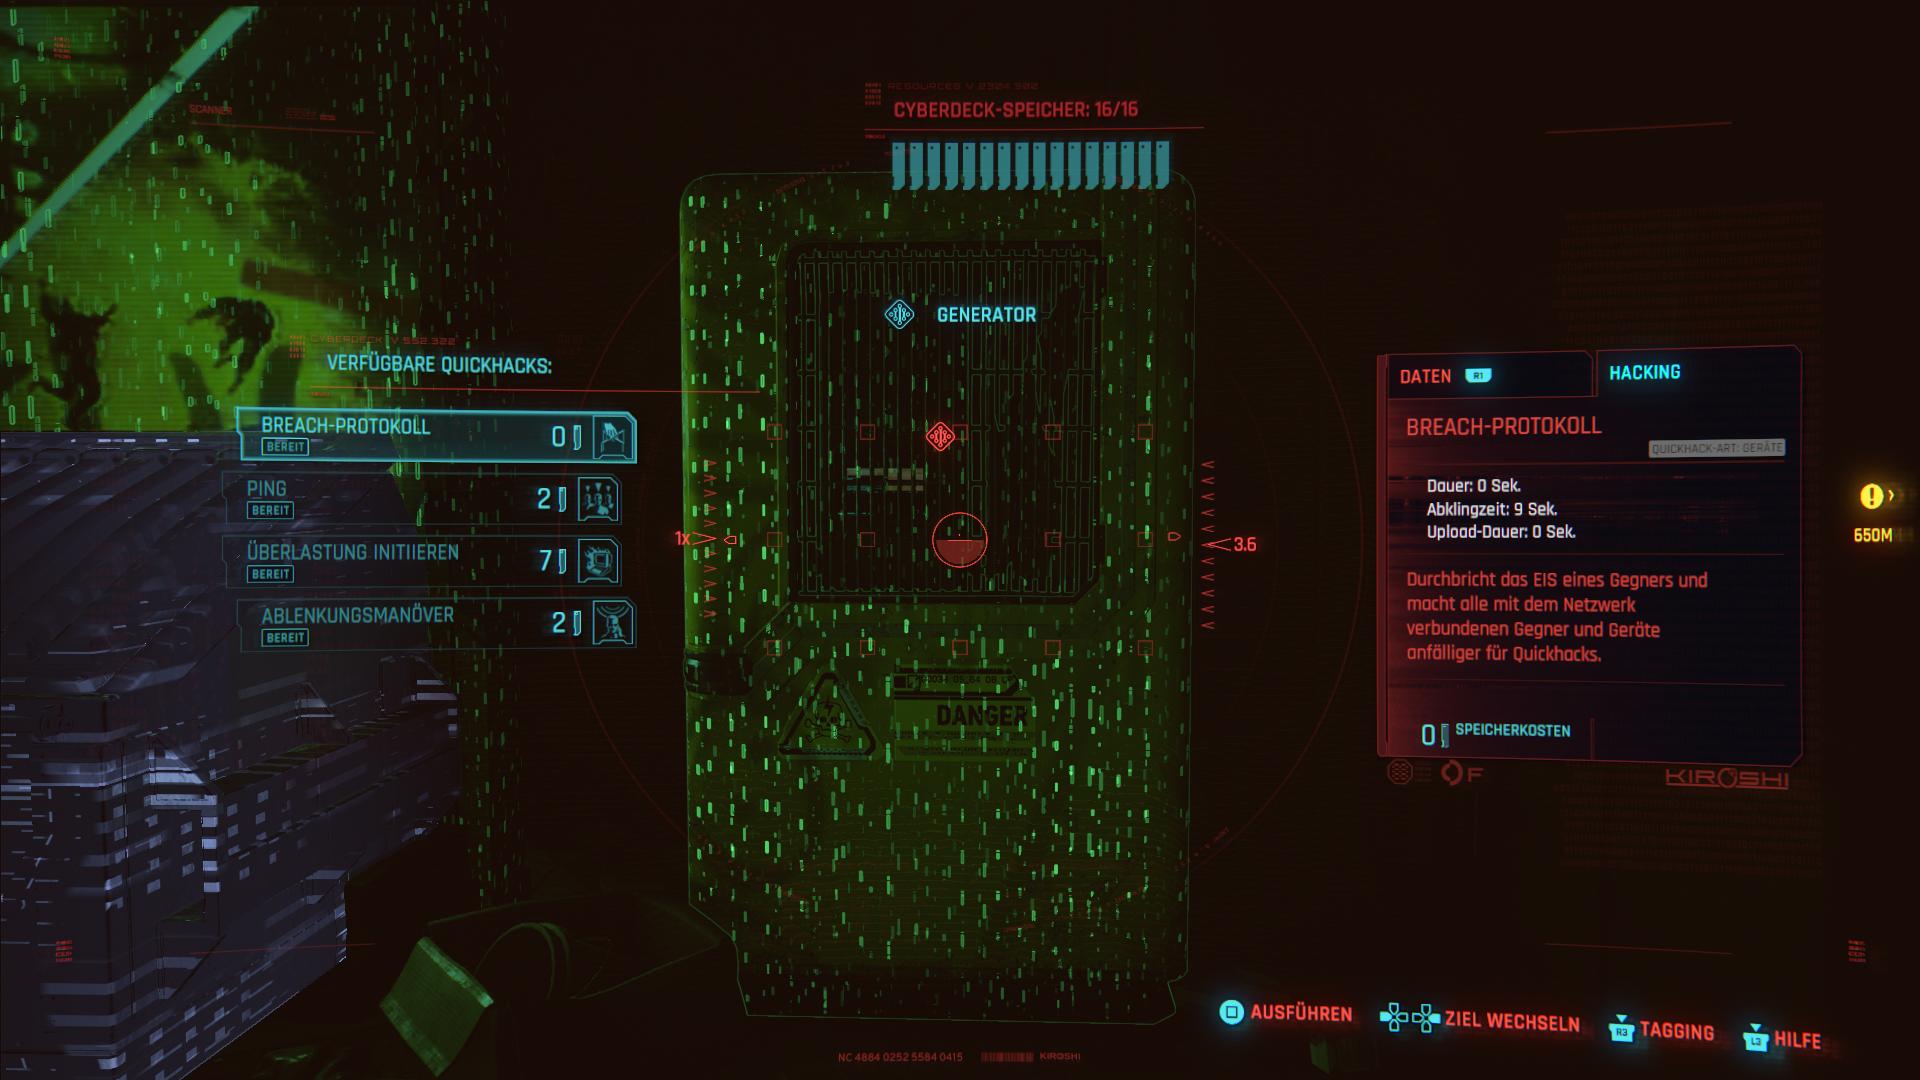 Cyberpunk 2077: Breach-Protokolle erklärt - Lösung (Guide)